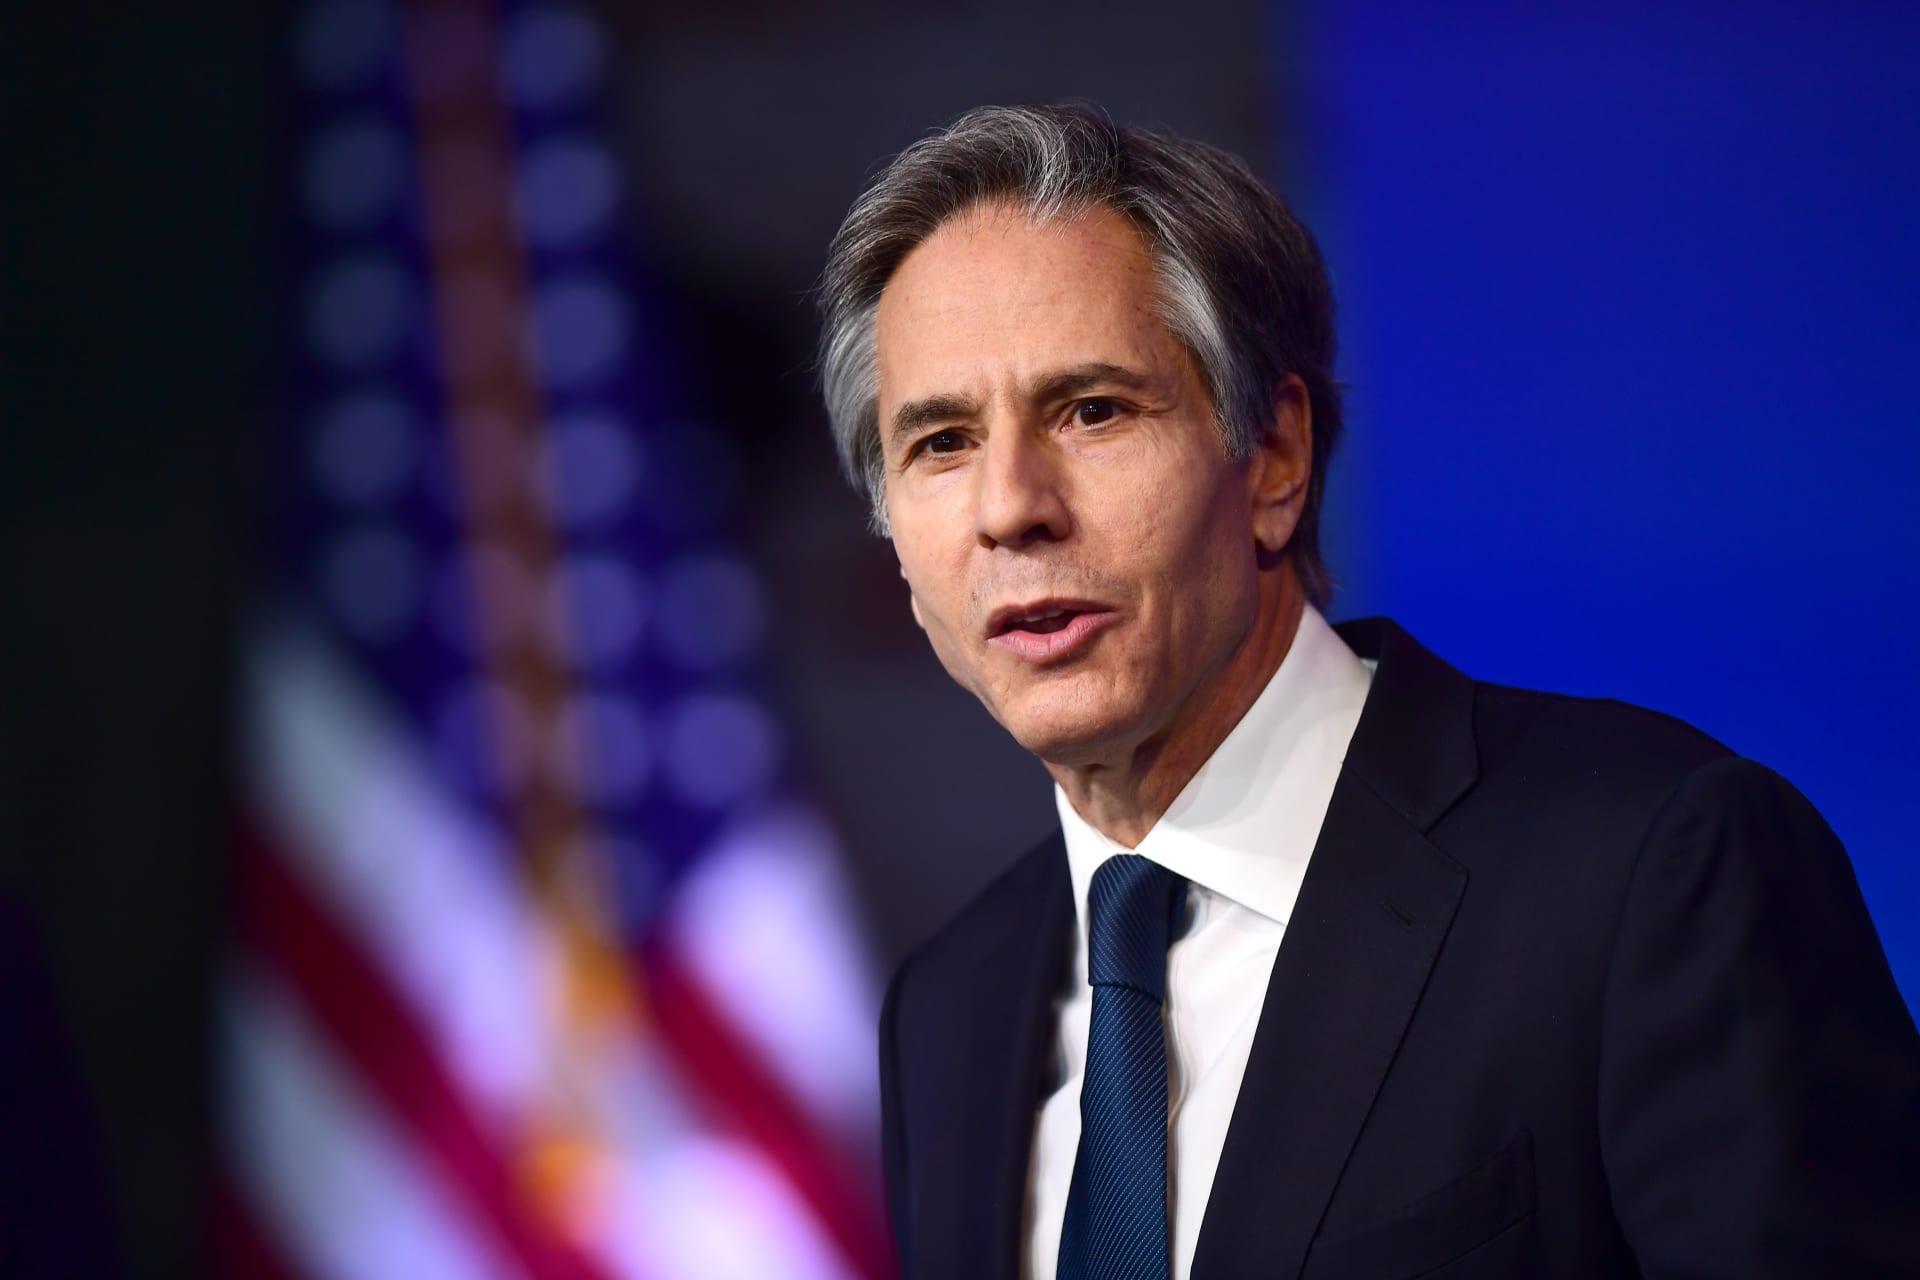 وزير الخارجية الأمريكي: سعداء بتقديم 302.4 ألف جرعة لقاح لموريتانيا